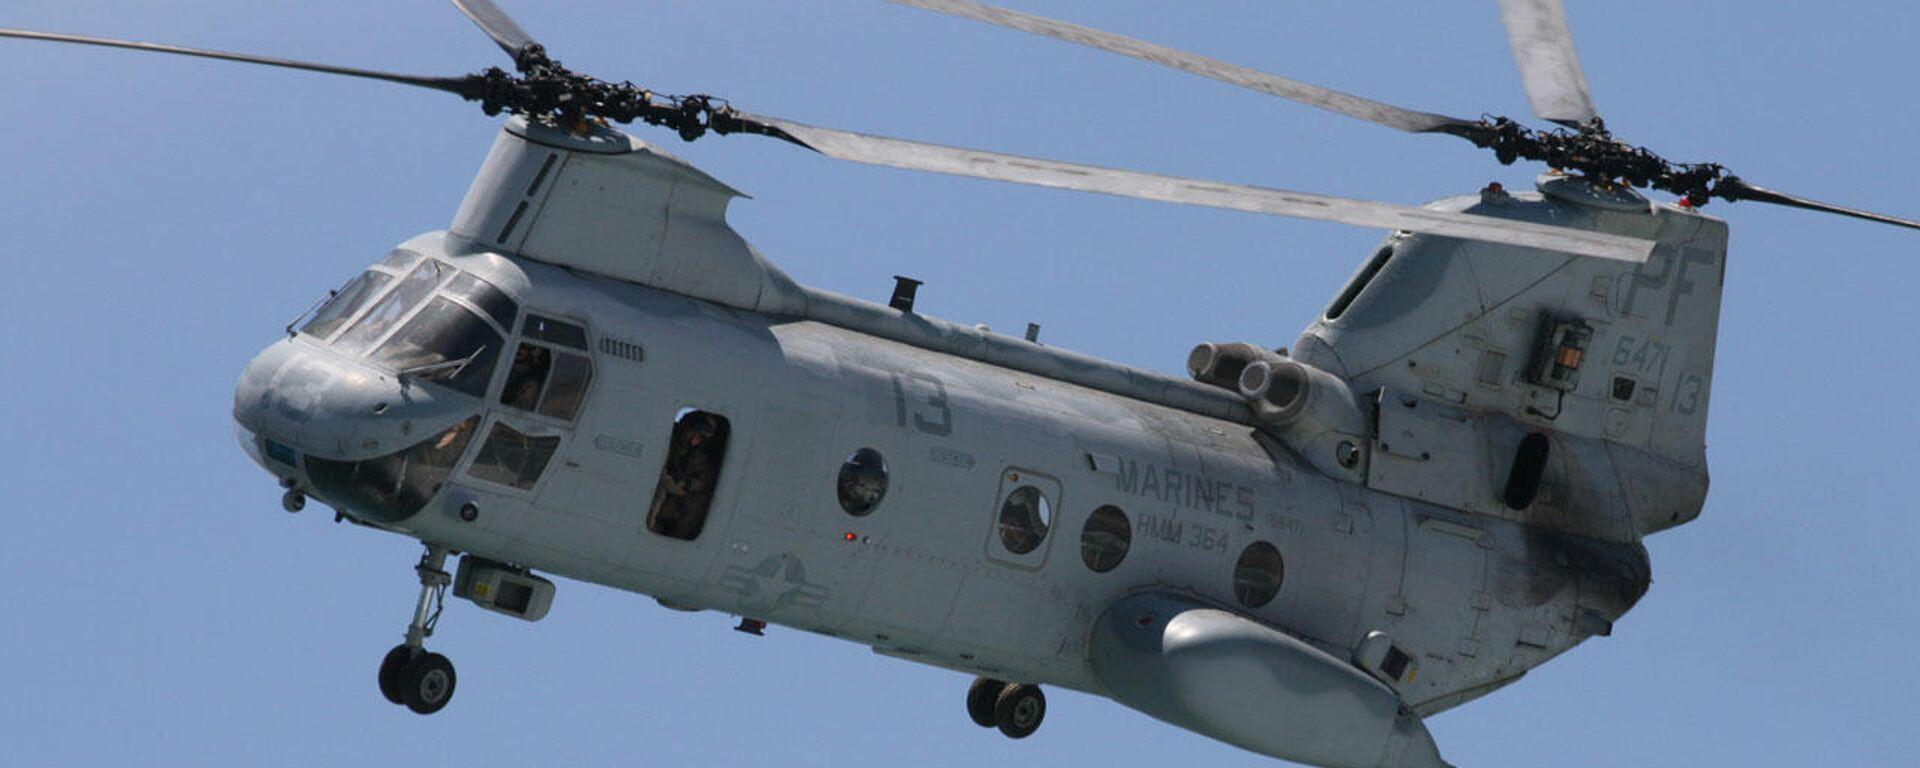 Helicóptero CH-46 de los Marines de EE. UU  - Sputnik Mundo, 1920, 20.08.2021